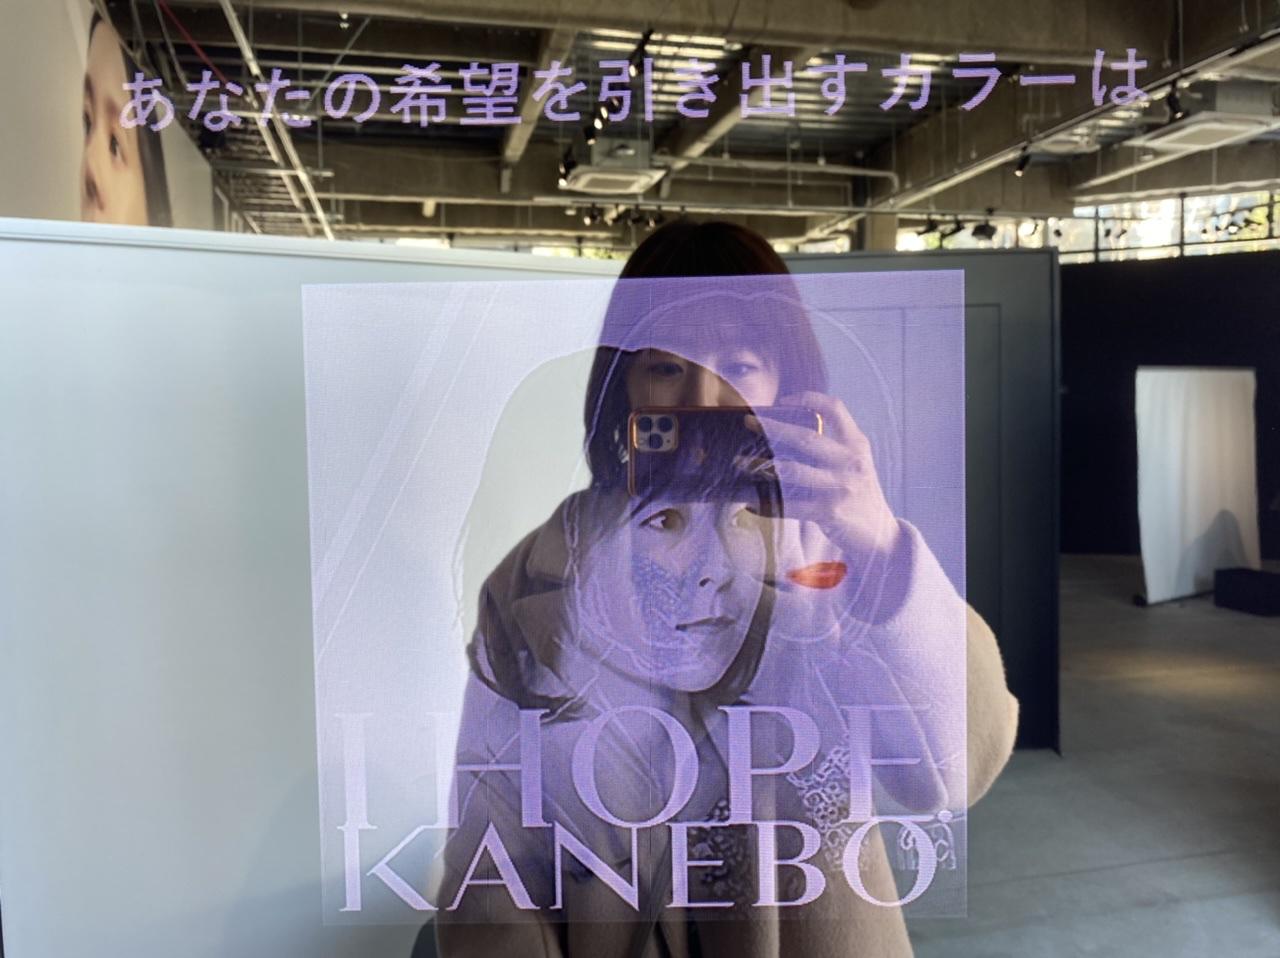 【KANEBO】お土産付★鏡に映るデジタルカラー診断がすごい!《春新作ルージュ》で唇から大変身♡_4